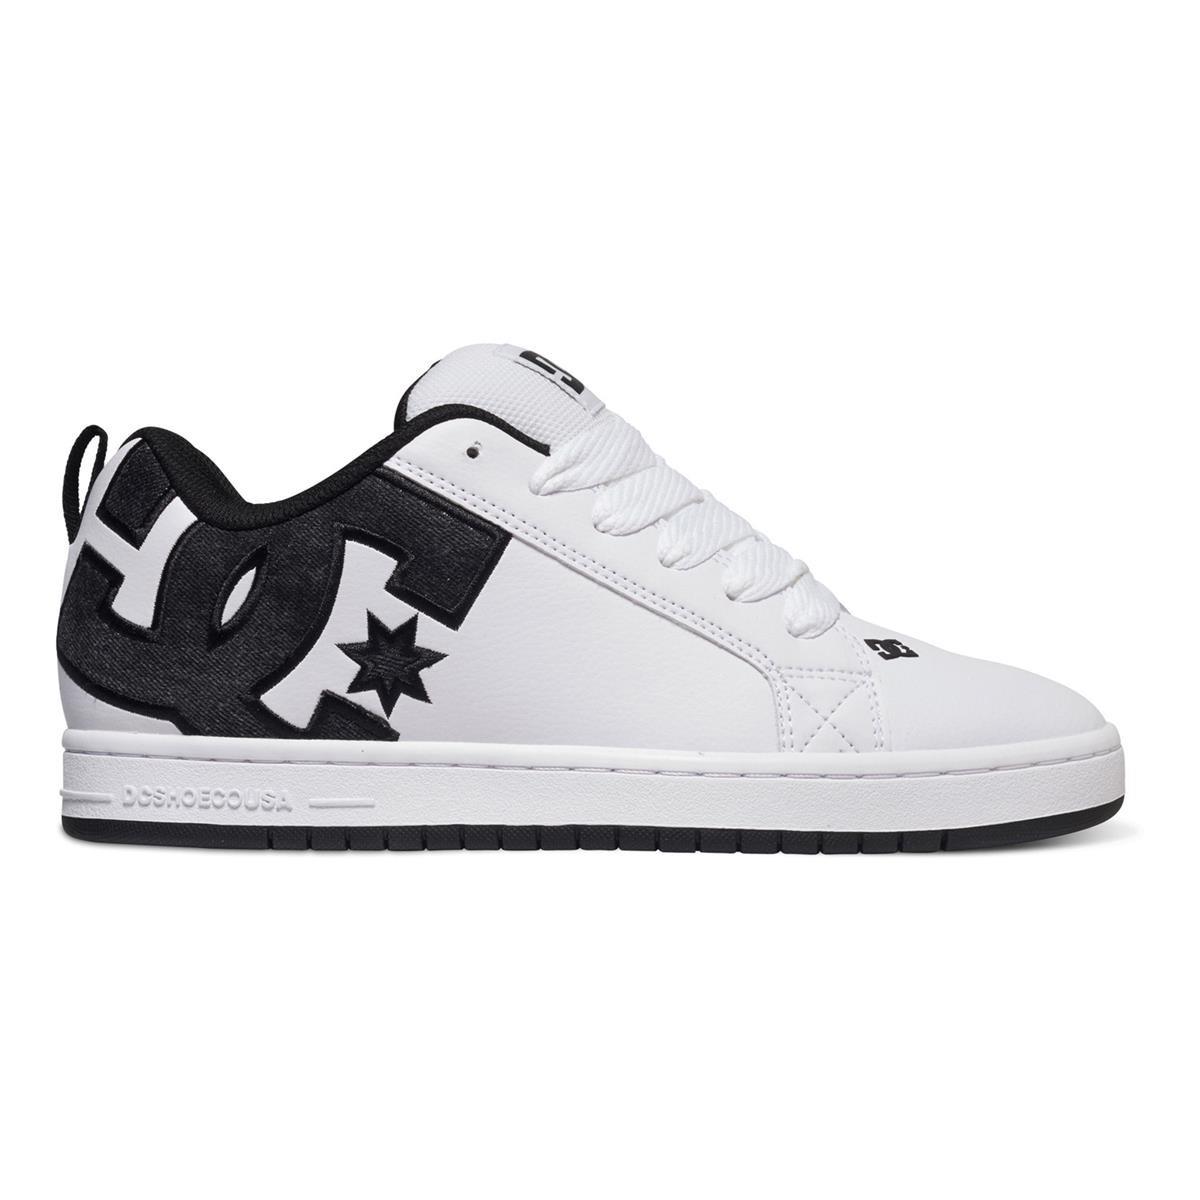 DC Schuhe Court Graffik SE SE Graffik Weiß/Grau/Schwarz 91a174